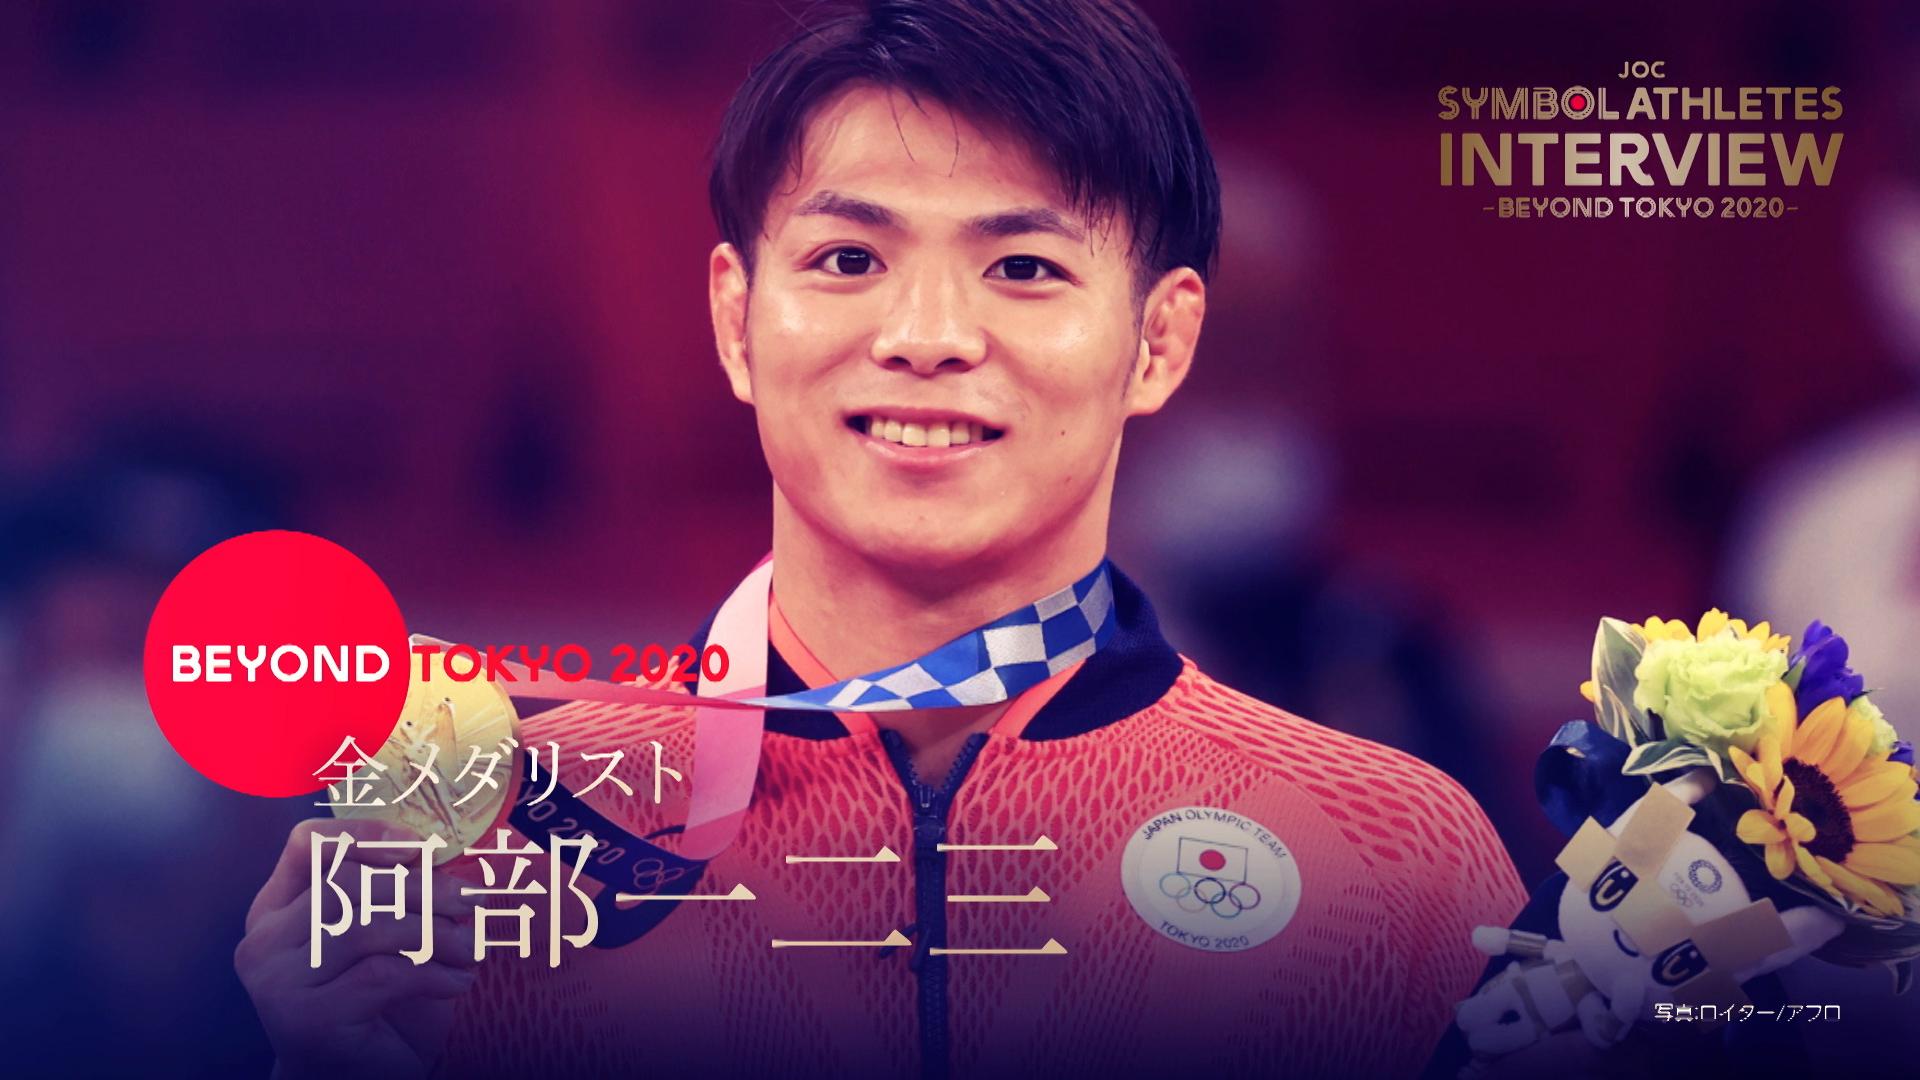 【東京2020オリンピック】阿部 一二三選手(柔道)インタビュー